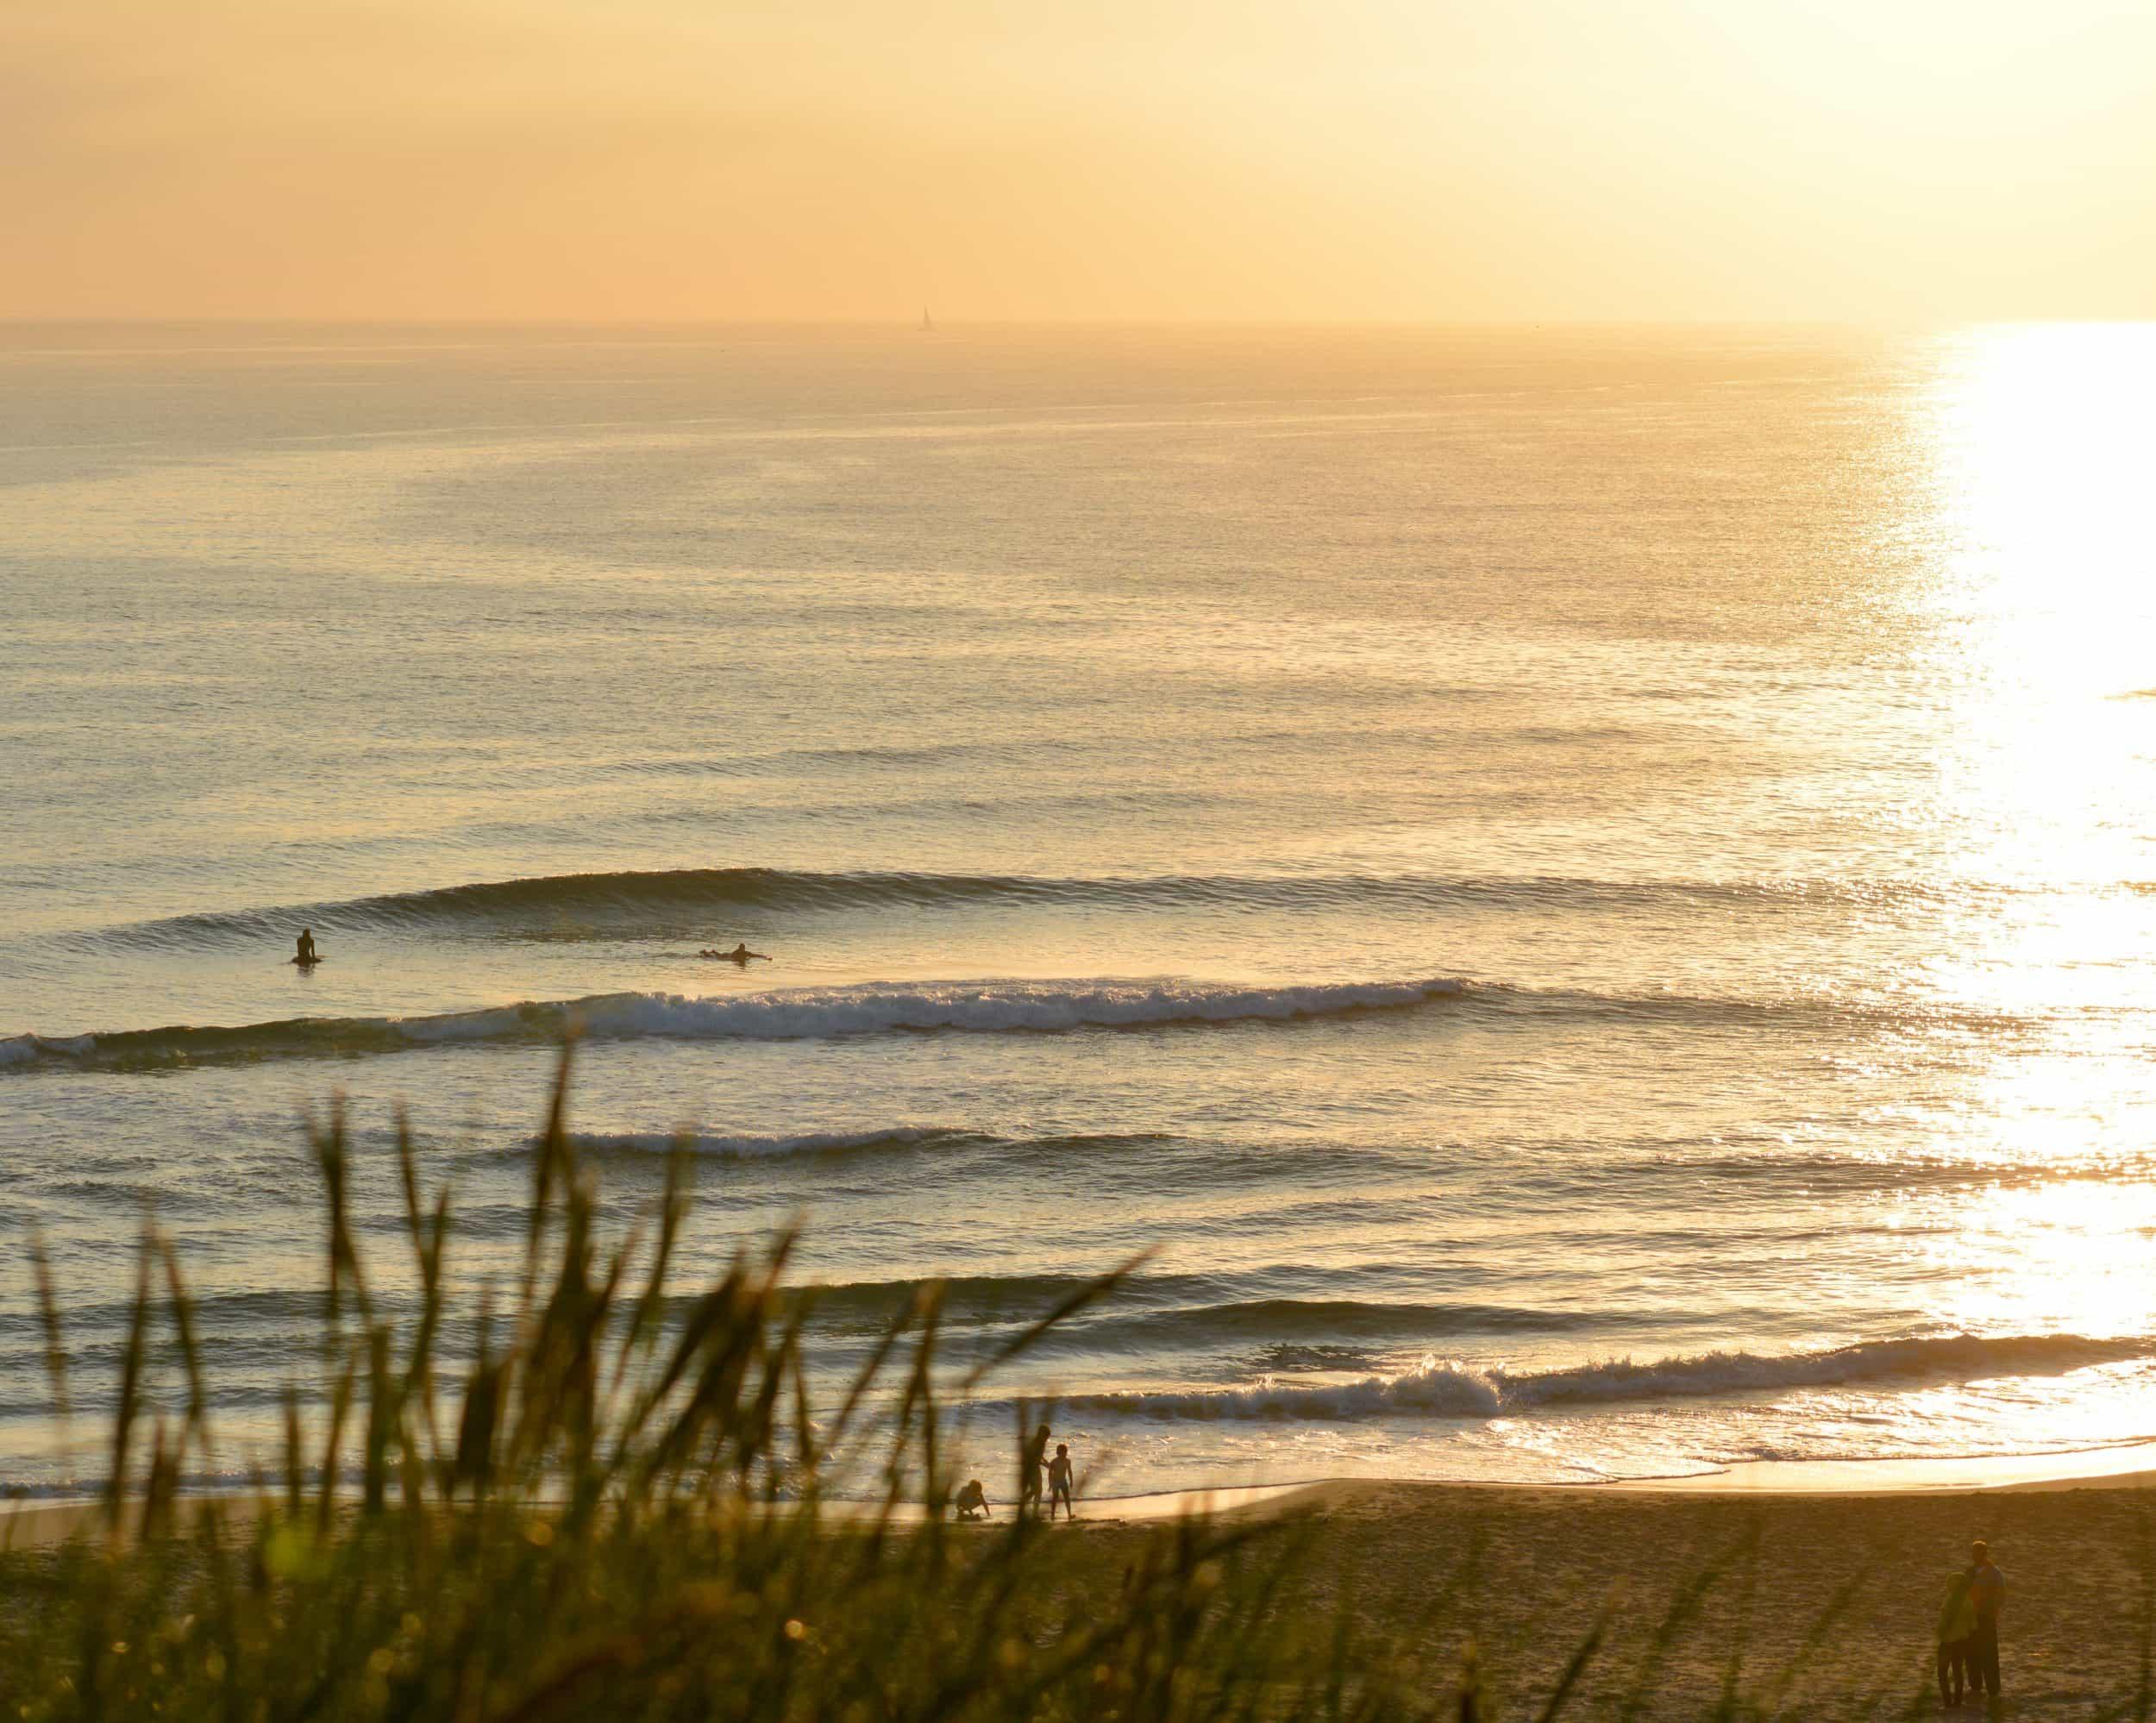 Victor Enoksen - 14/7, Jæren. Chill solnedgangs session med bra surf.